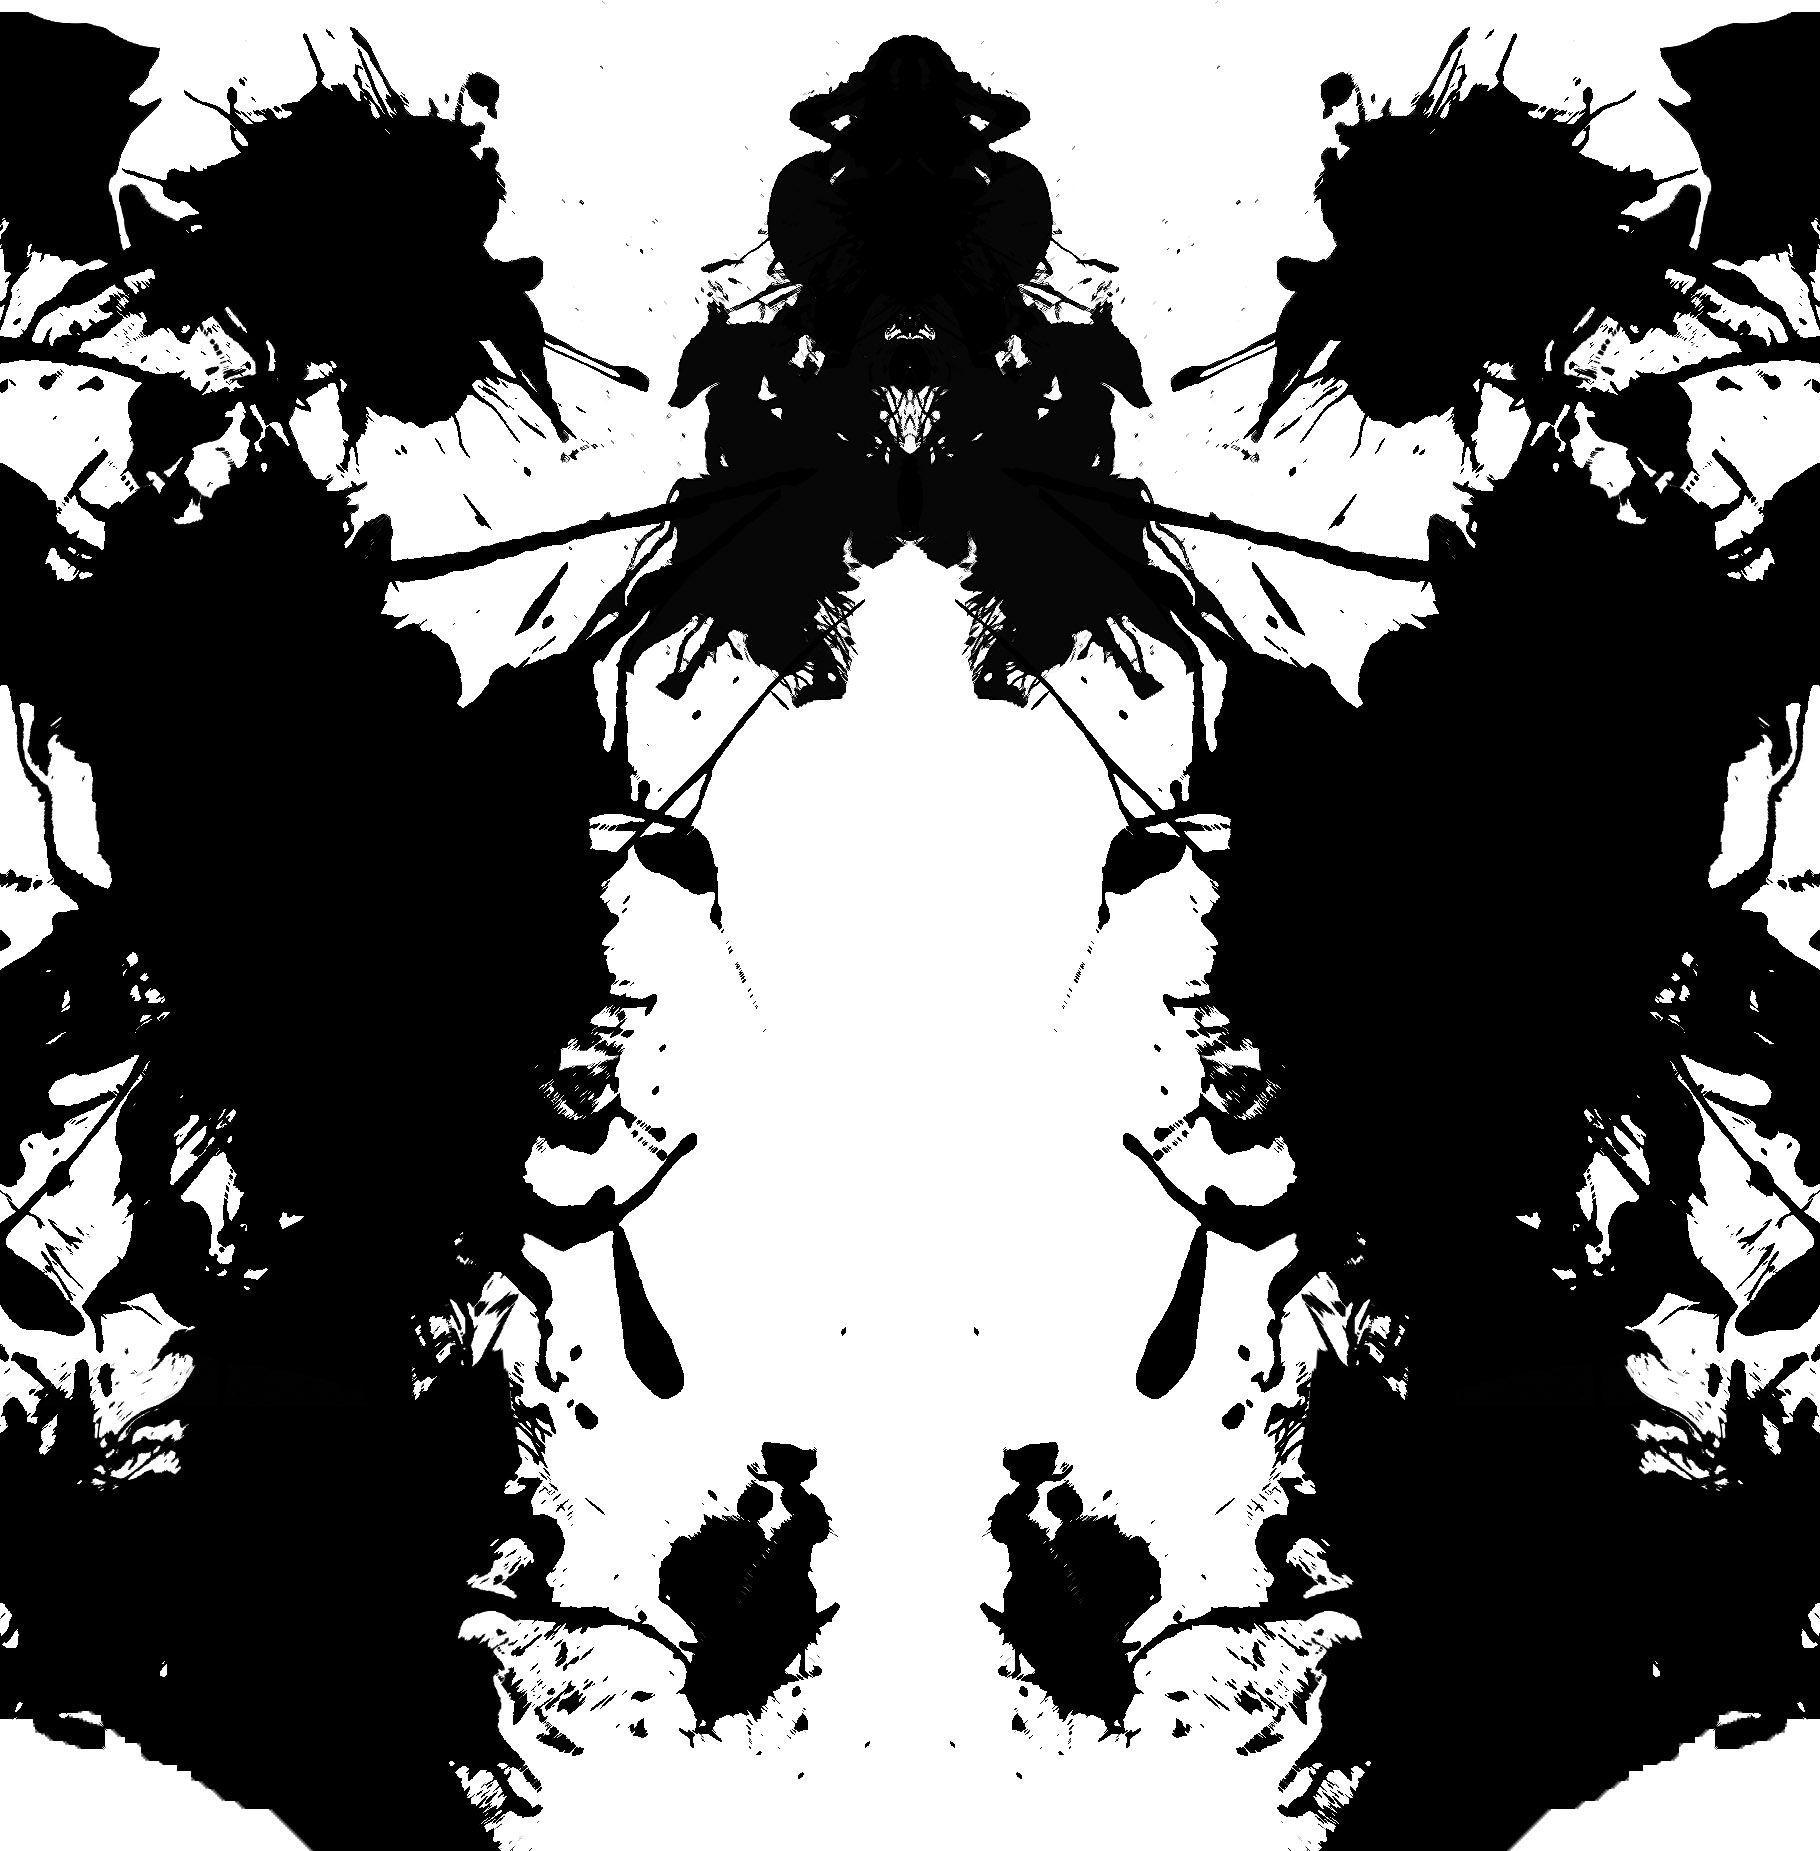 Rorschach Test Wallpapers - Wallpaper Cave